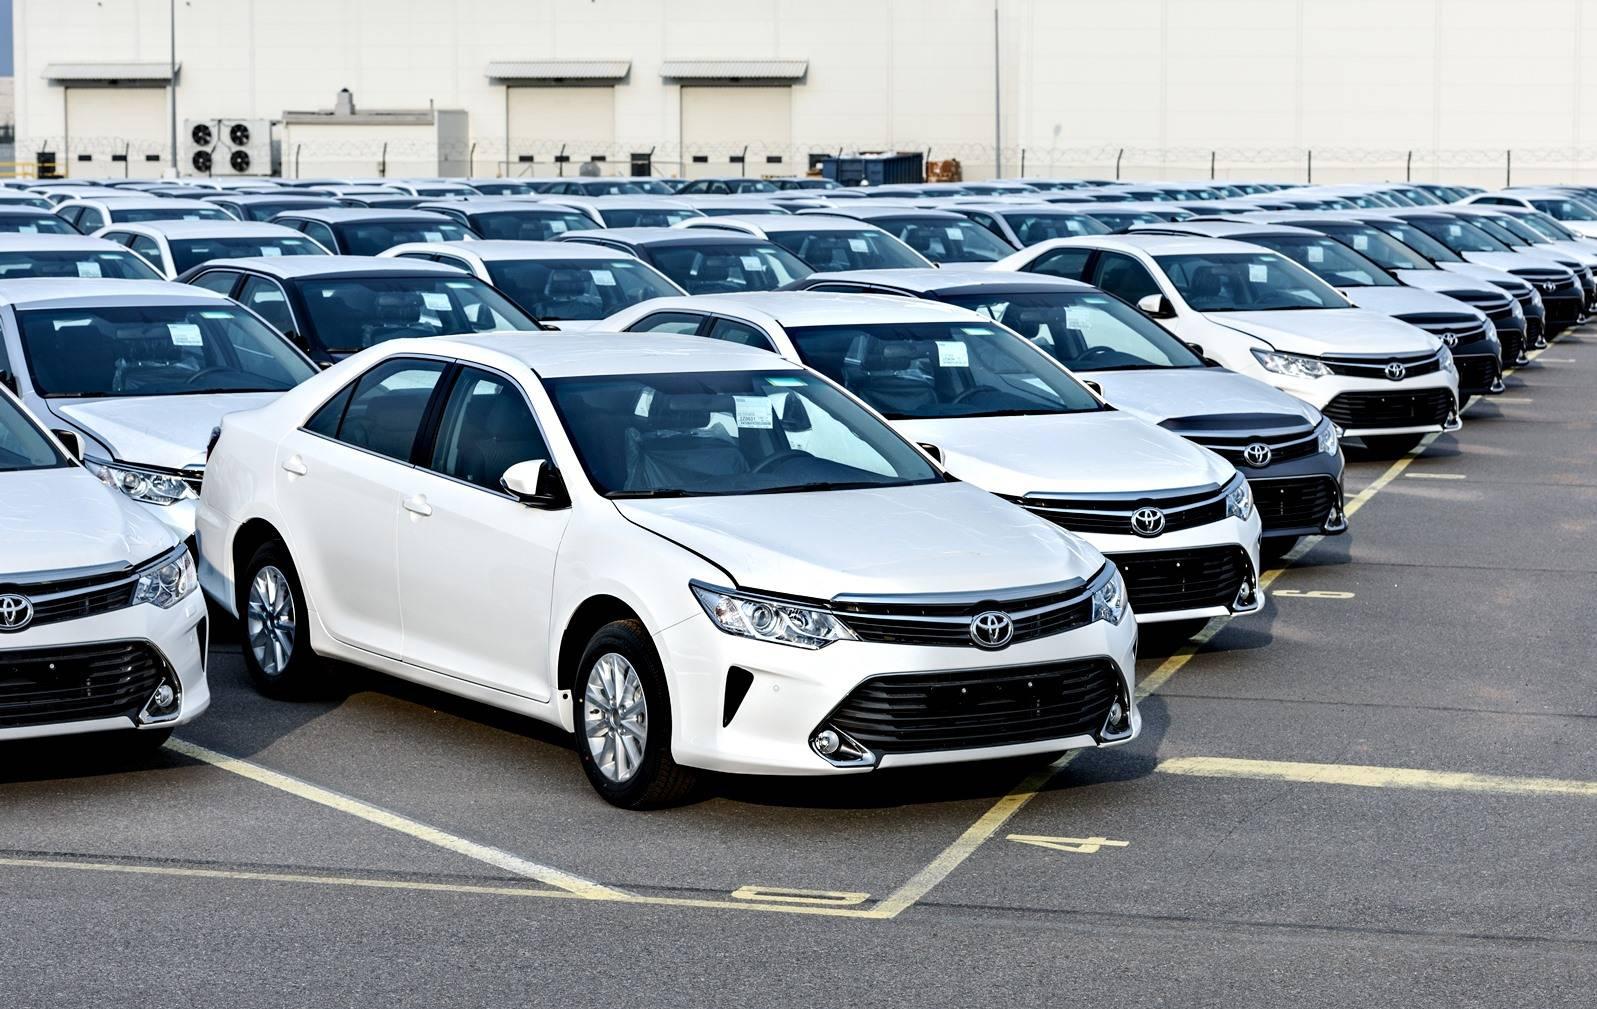 Сколько стоит привезти автомобиль из японии с аукциона? новости партнеров - новости партнеров 193. metro